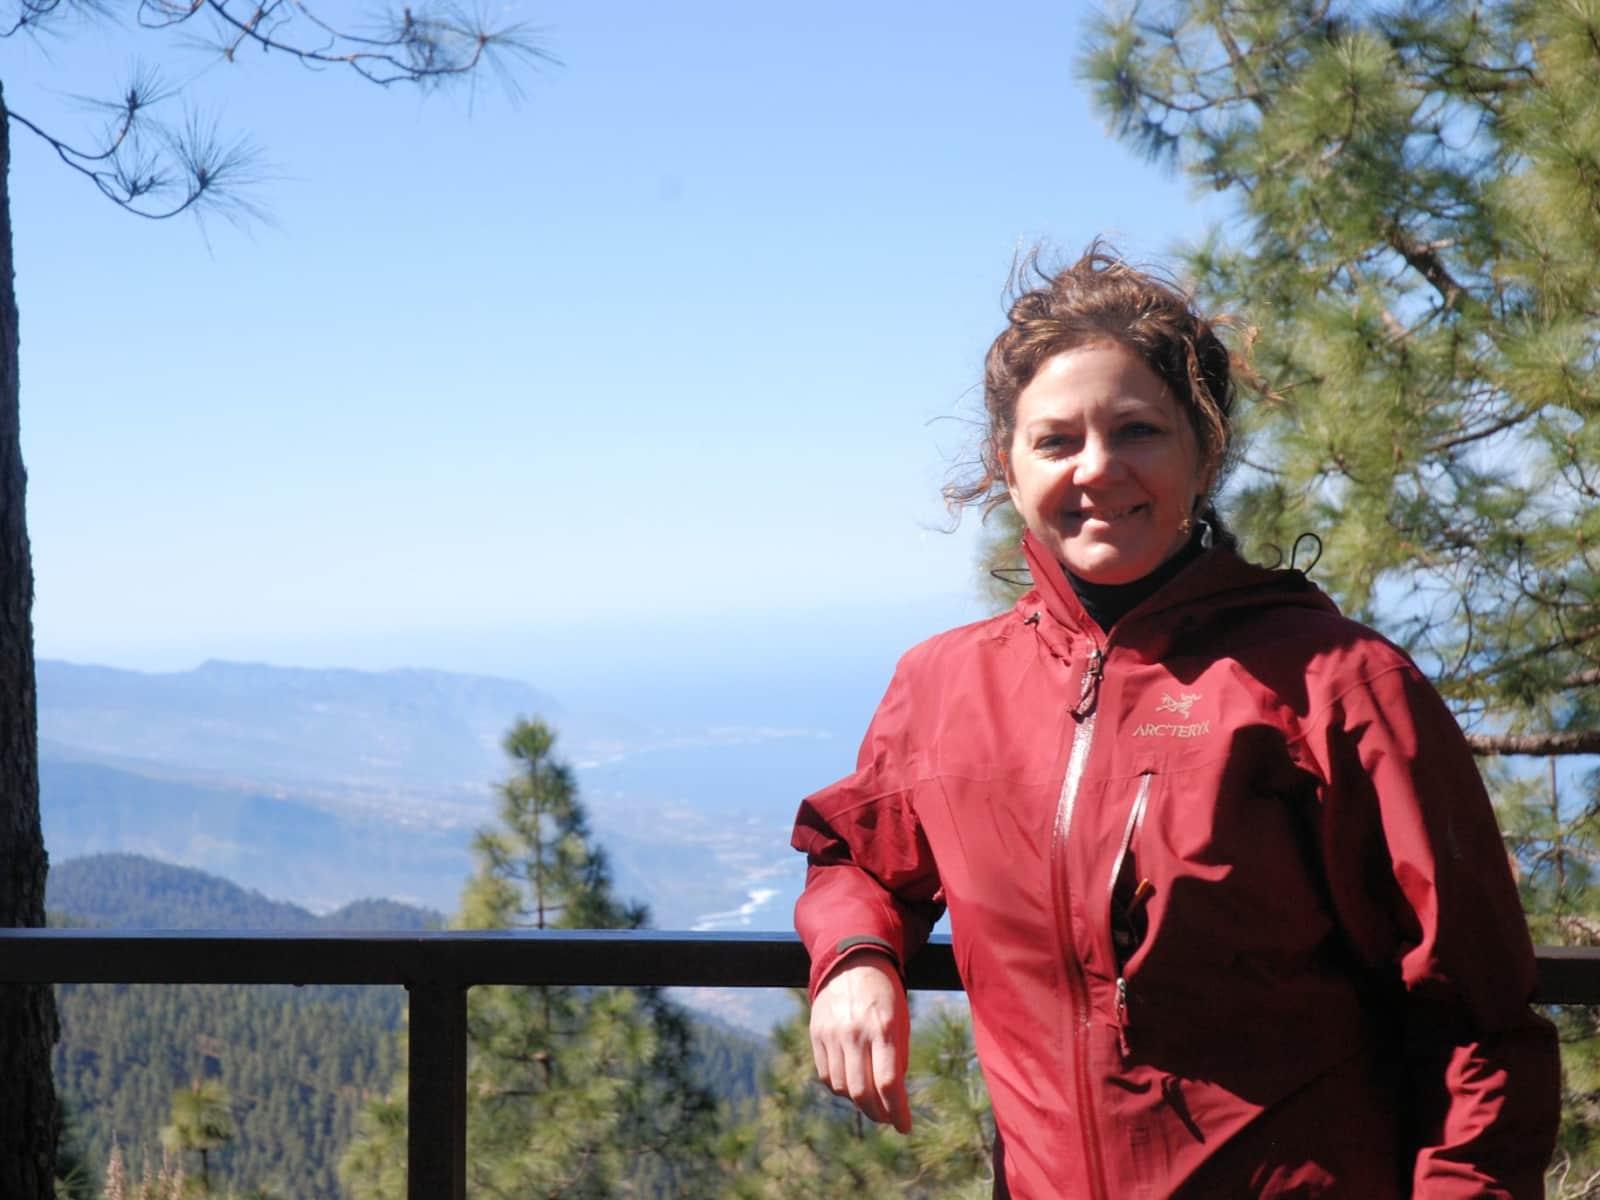 Sylvie from Montréal, Quebec, Canada